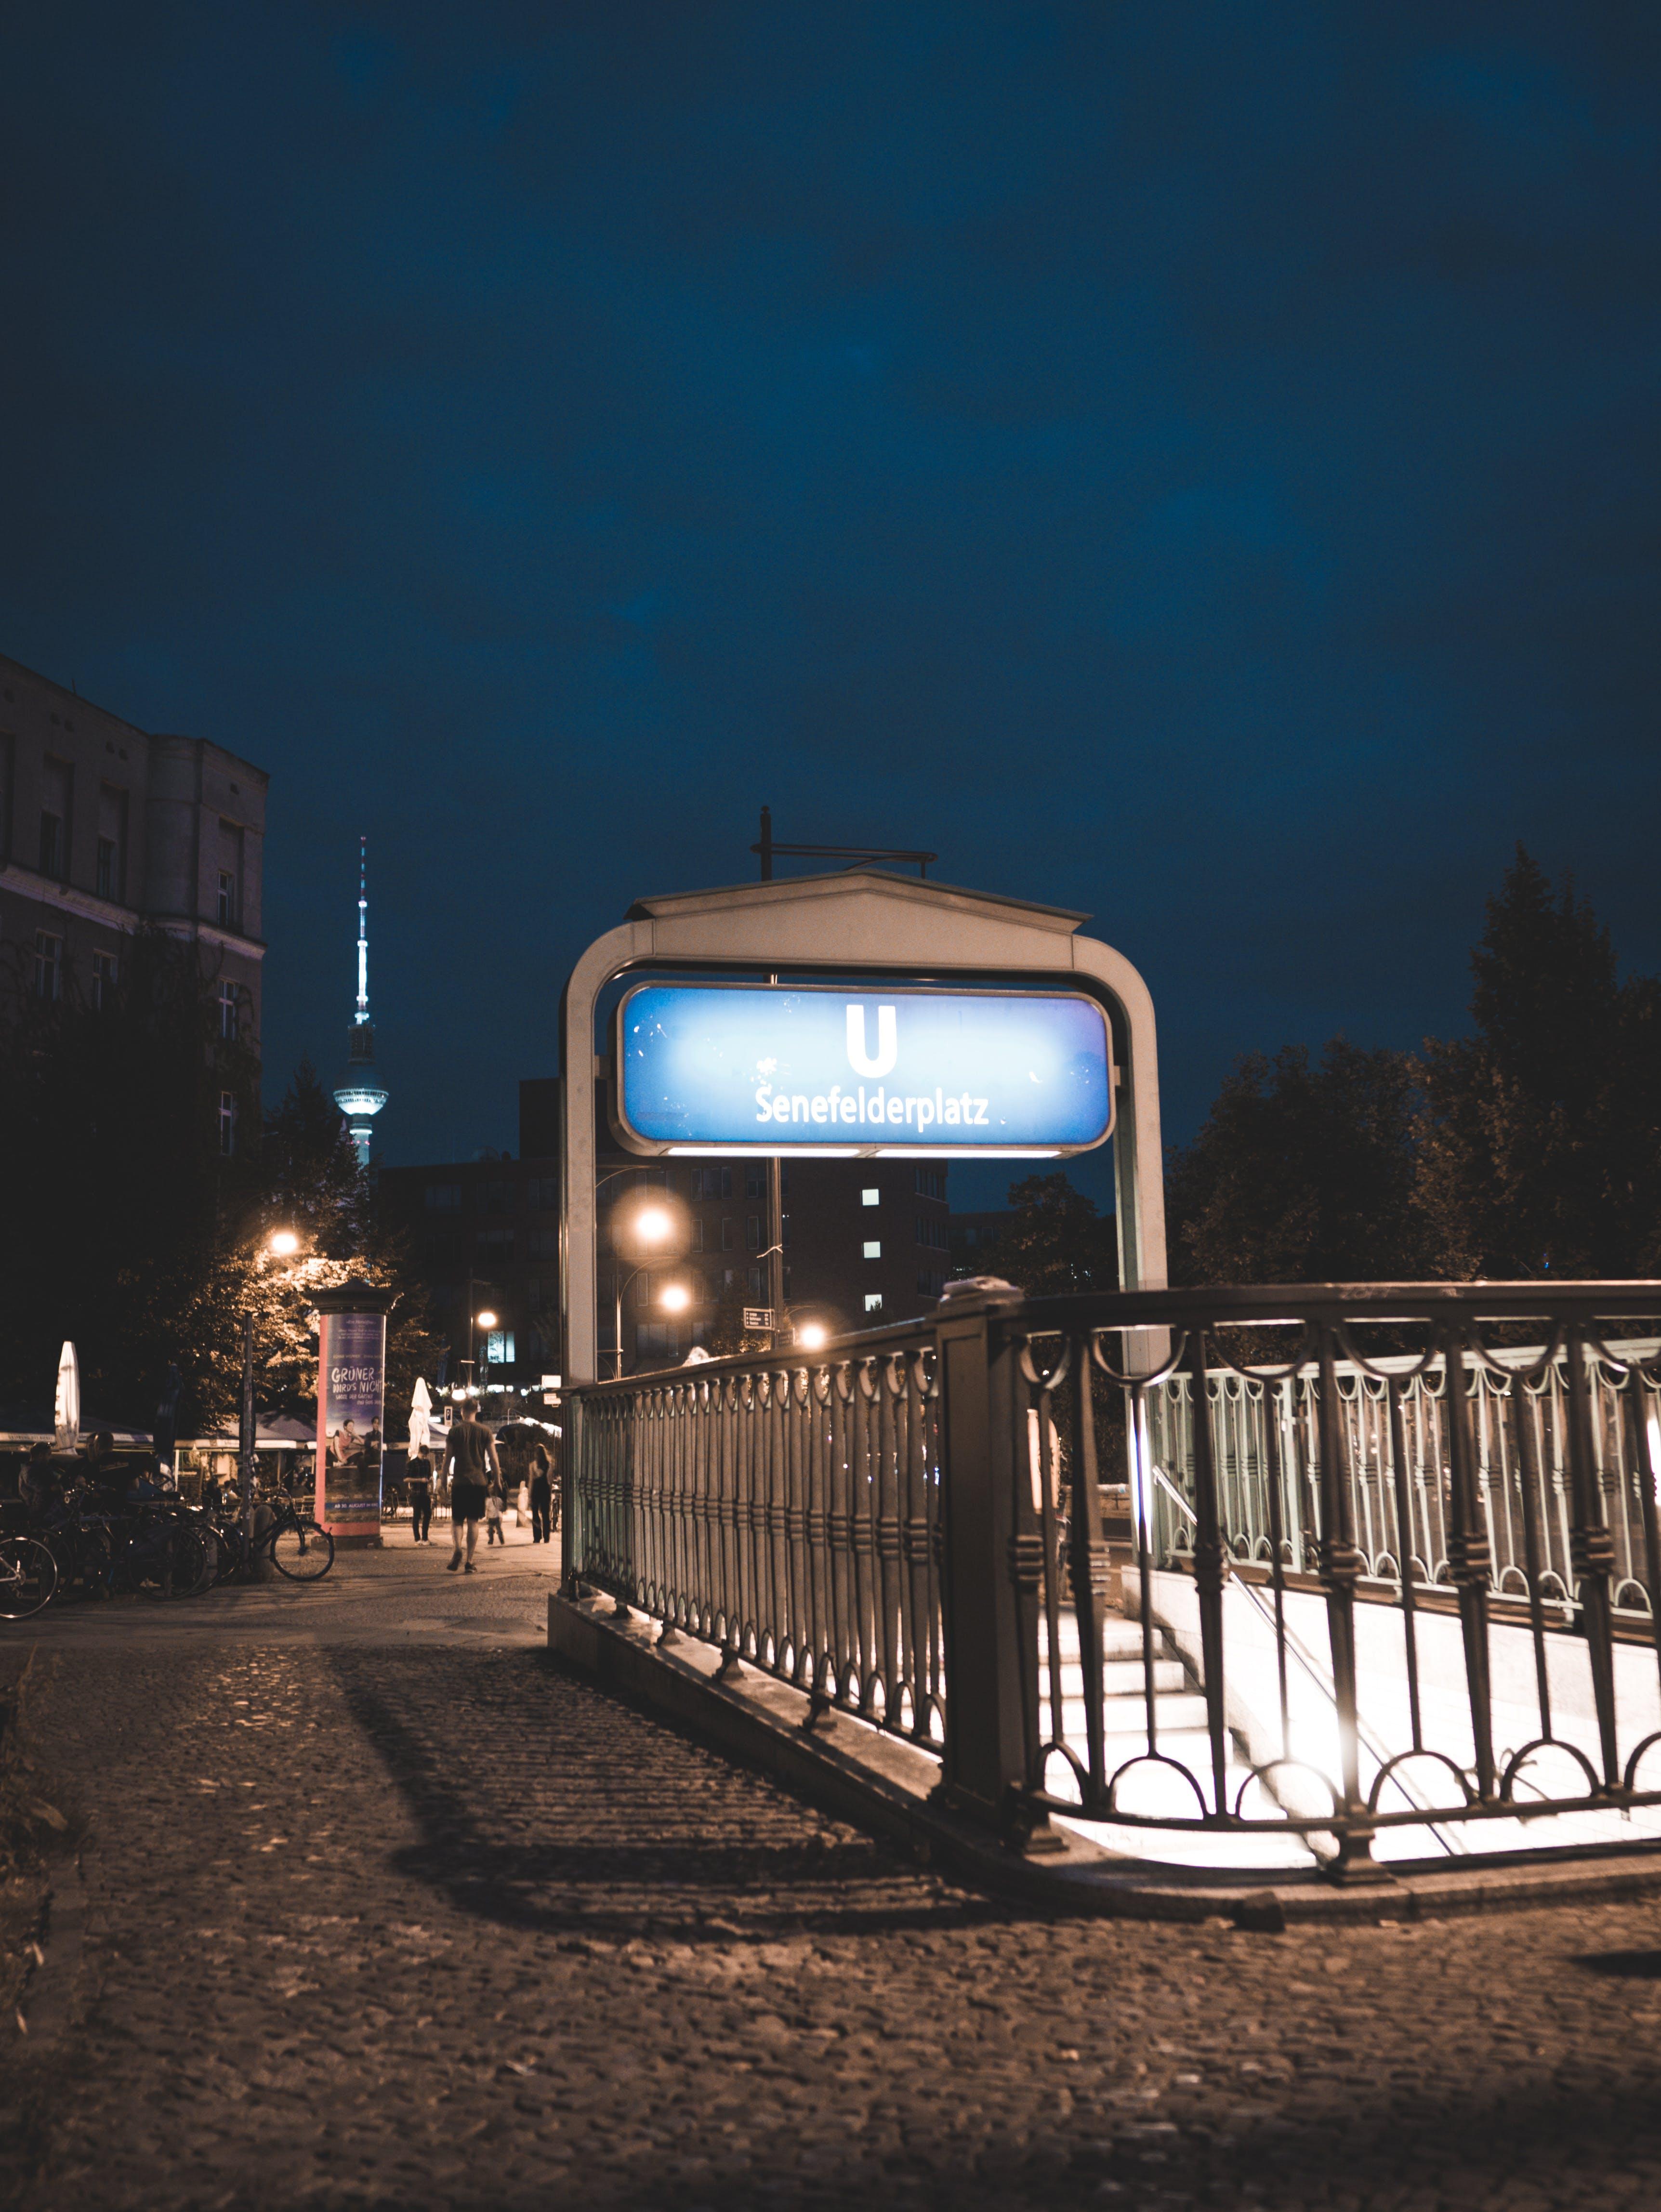 Kostenloses Stock Foto zu abend, architektur, beleuchtet, berlin